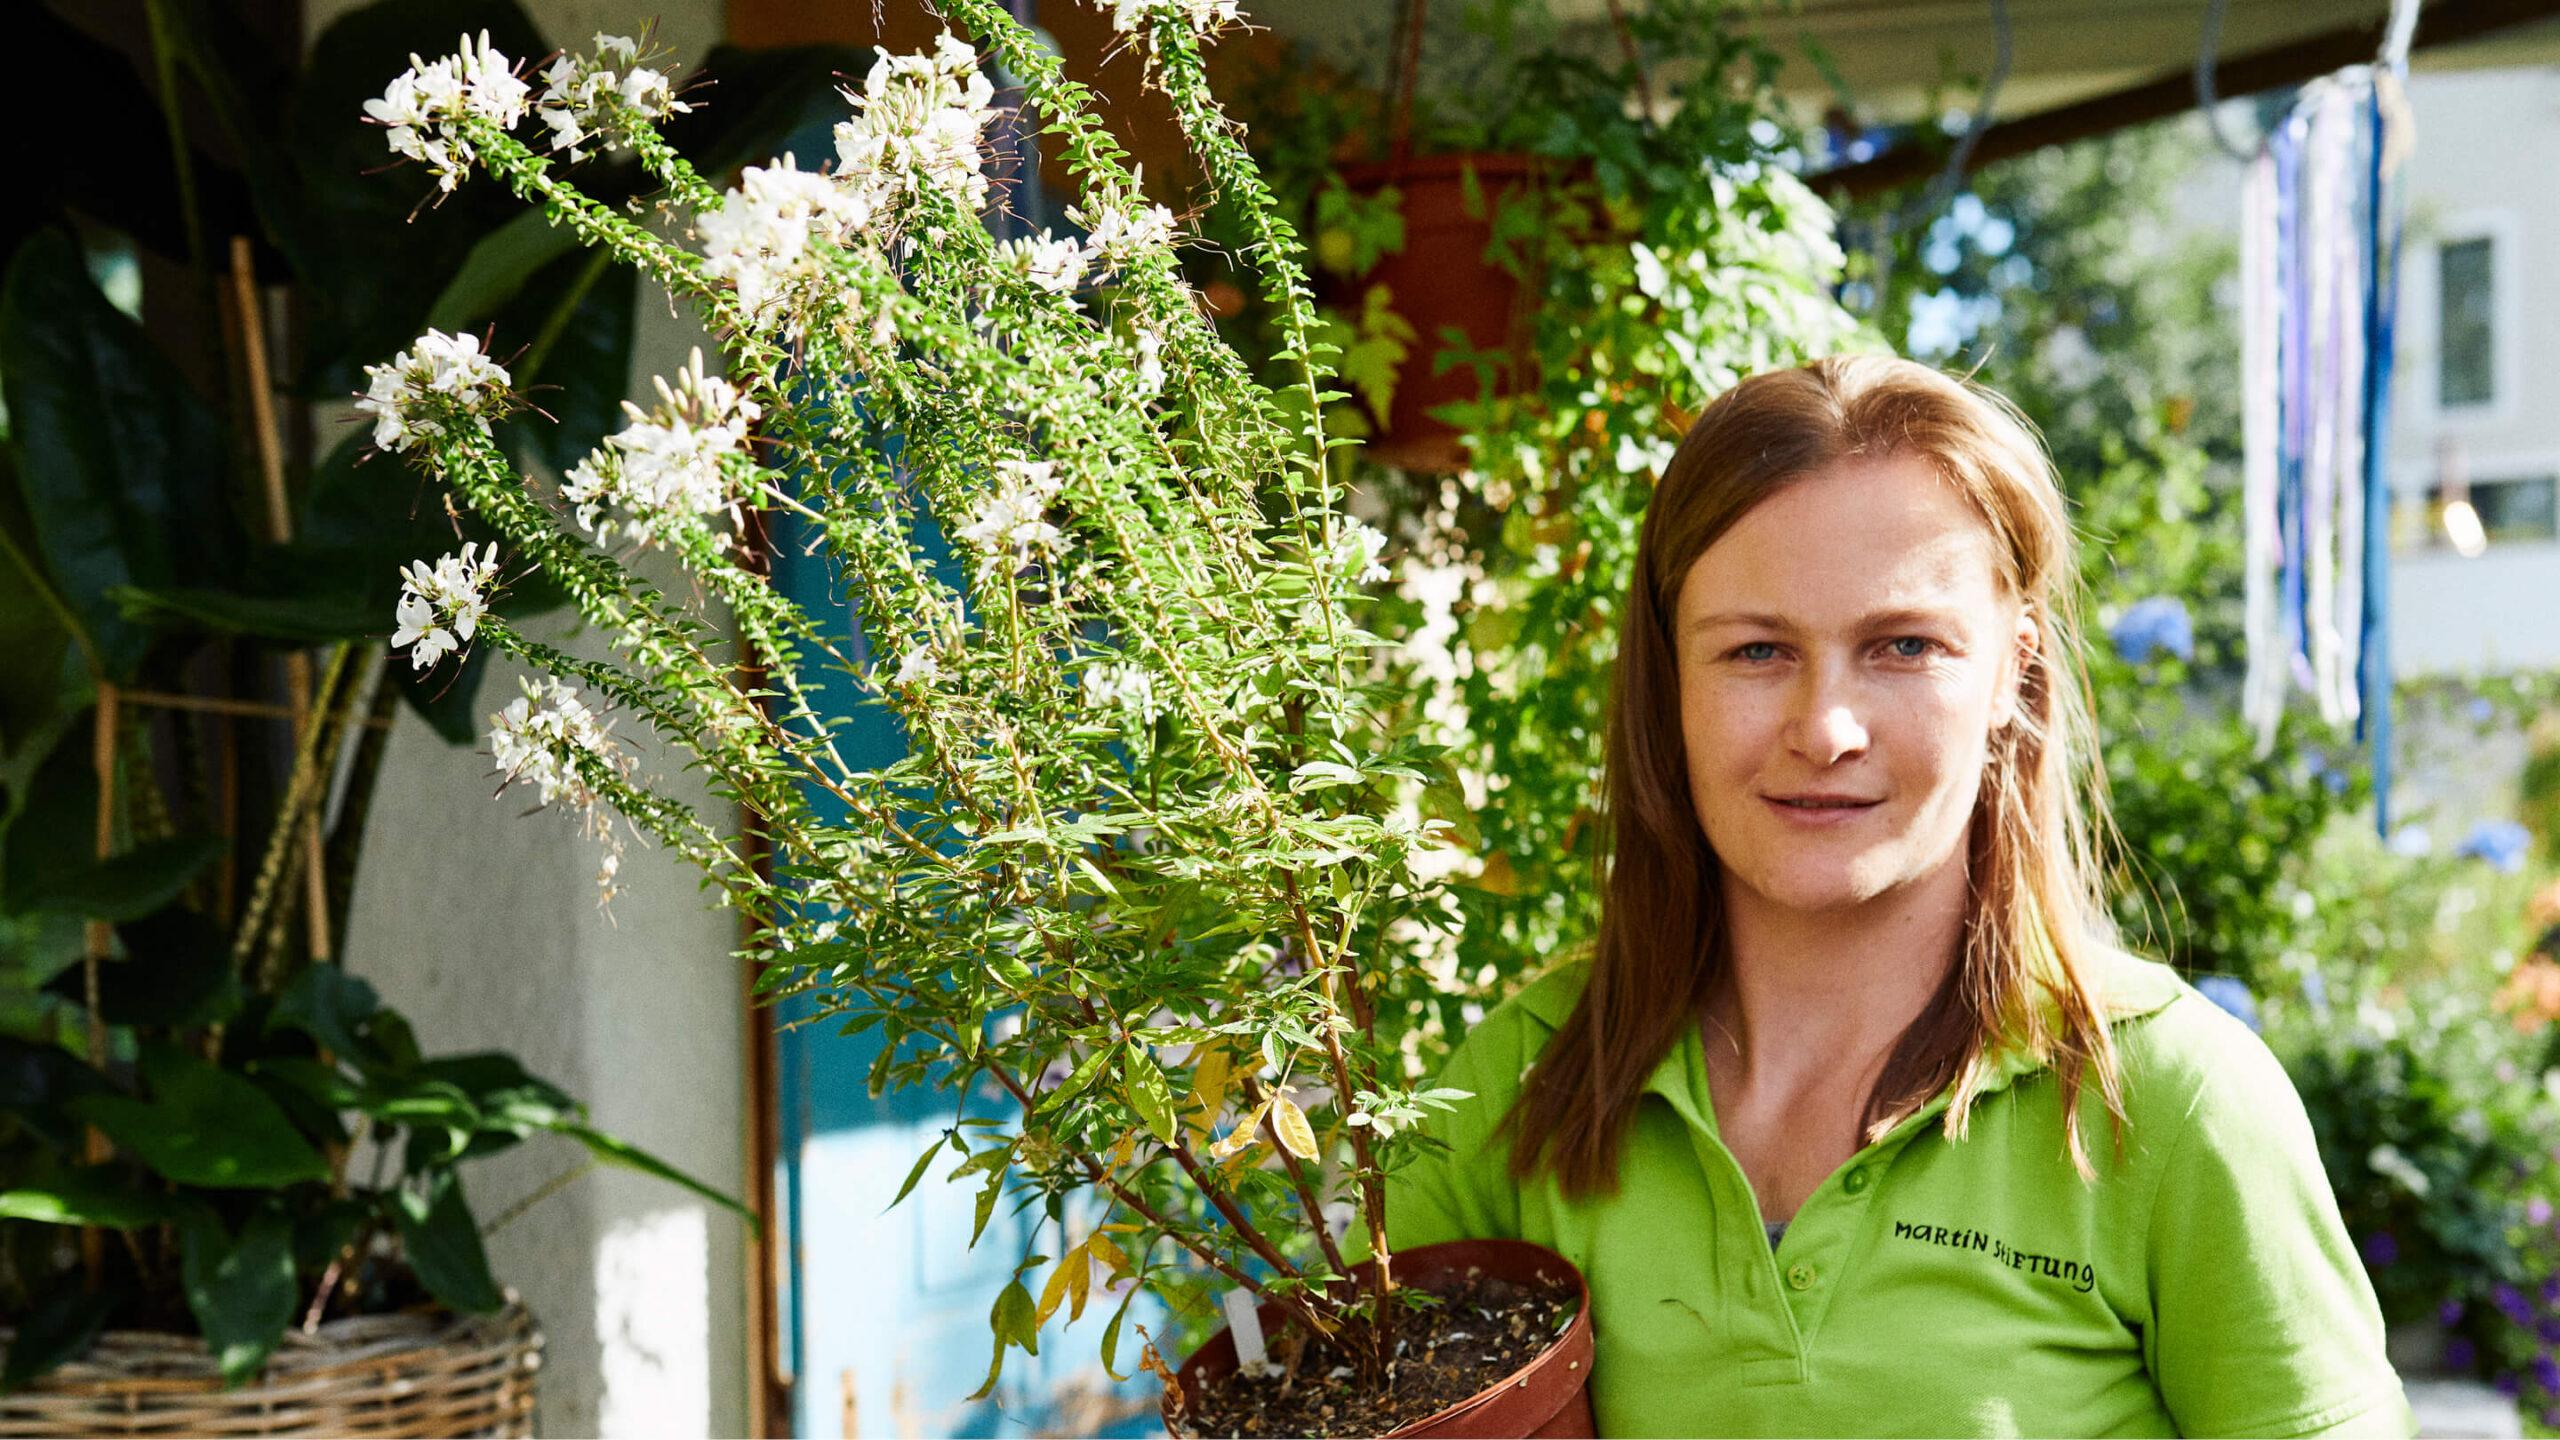 Junge Frau mit Behinderung hält Pflanze im Arm und arbeitet in dem Blumenladen Zum Grünen Martin der Martin Stiftung